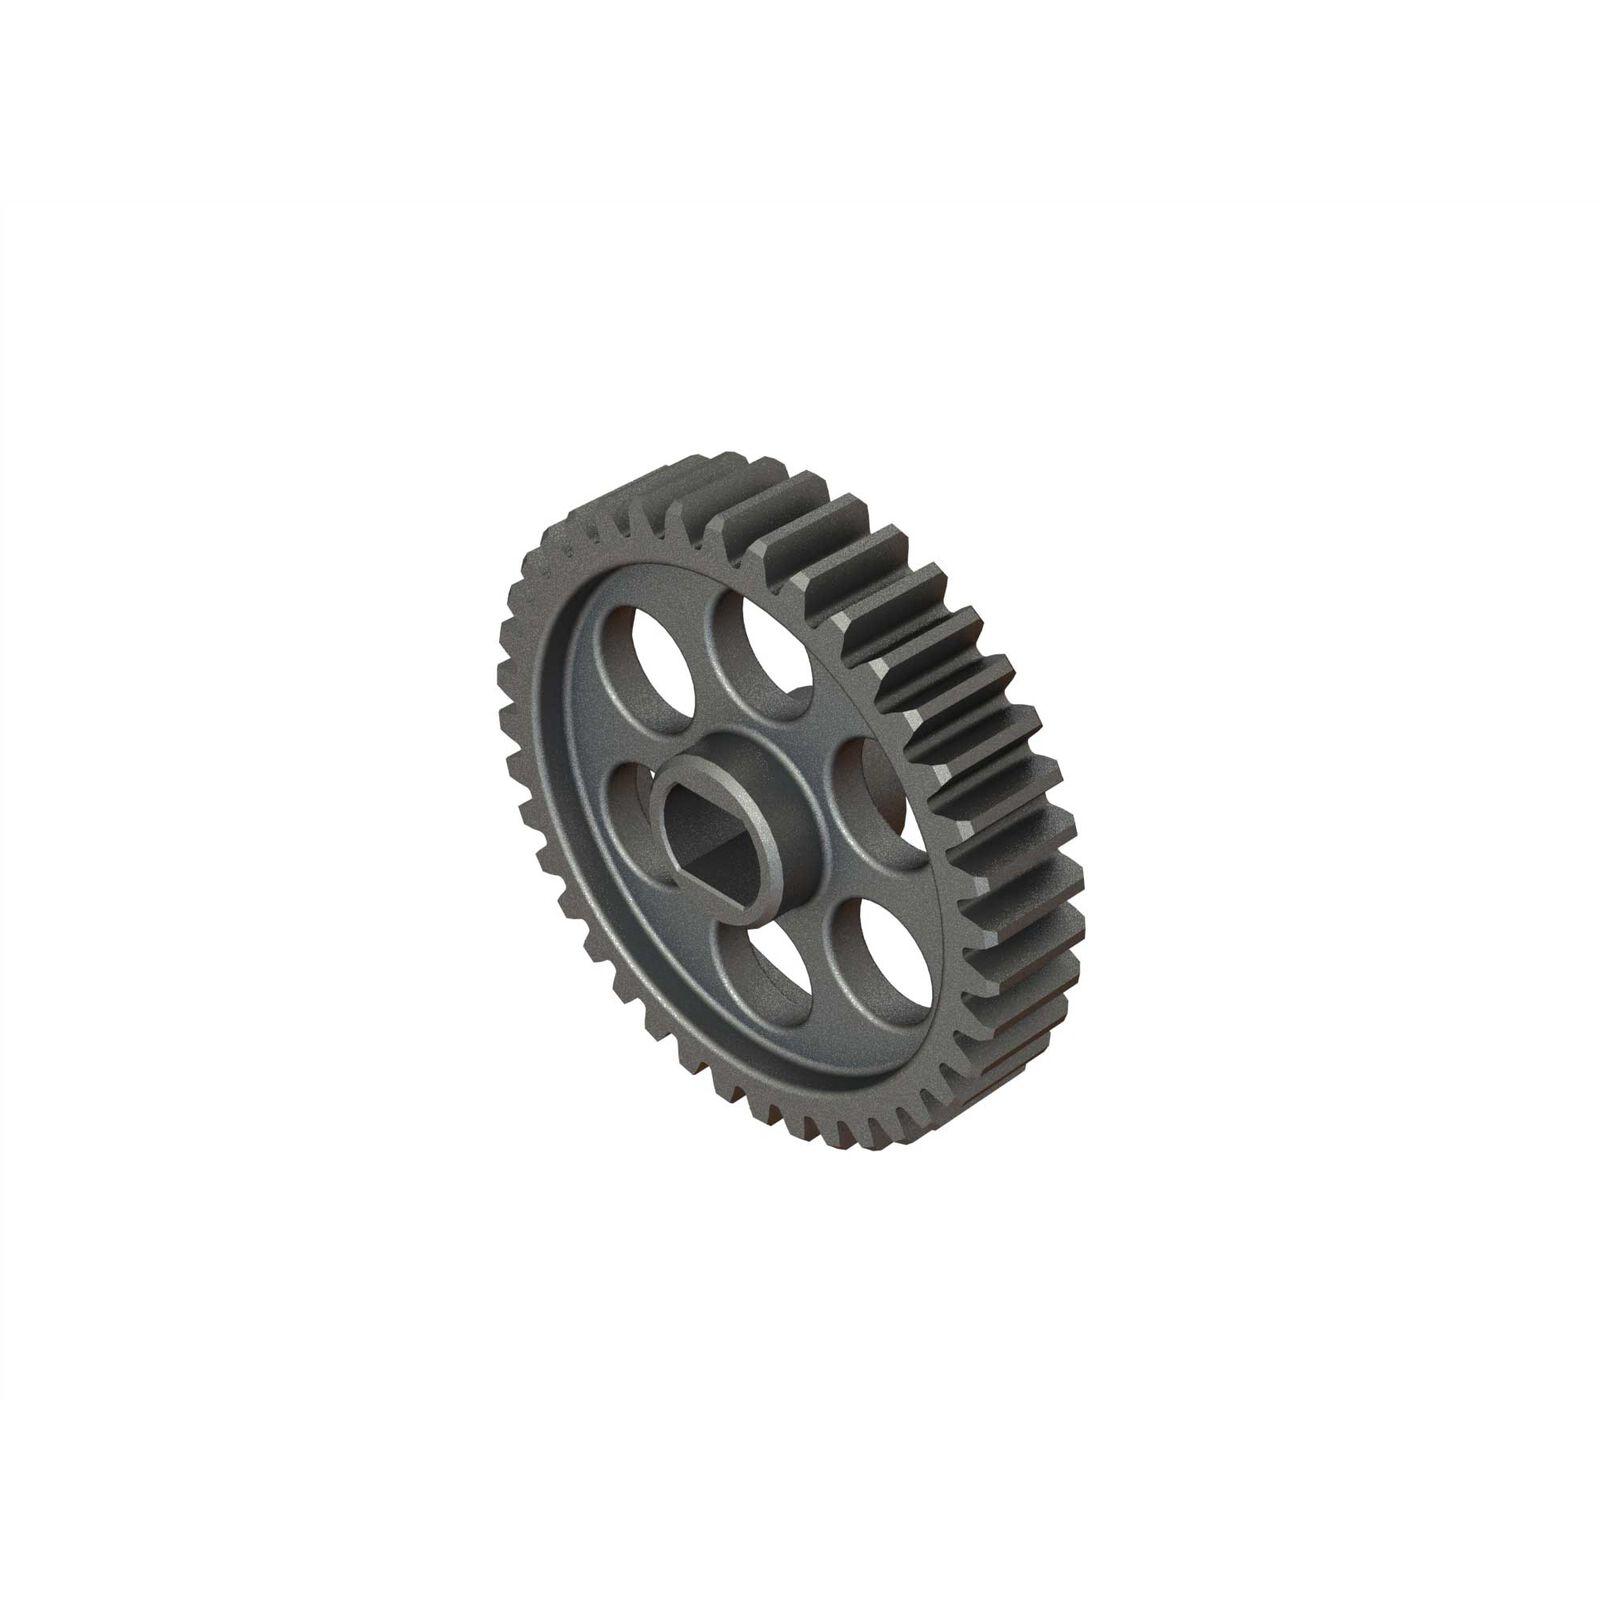 Spur Gear 39T